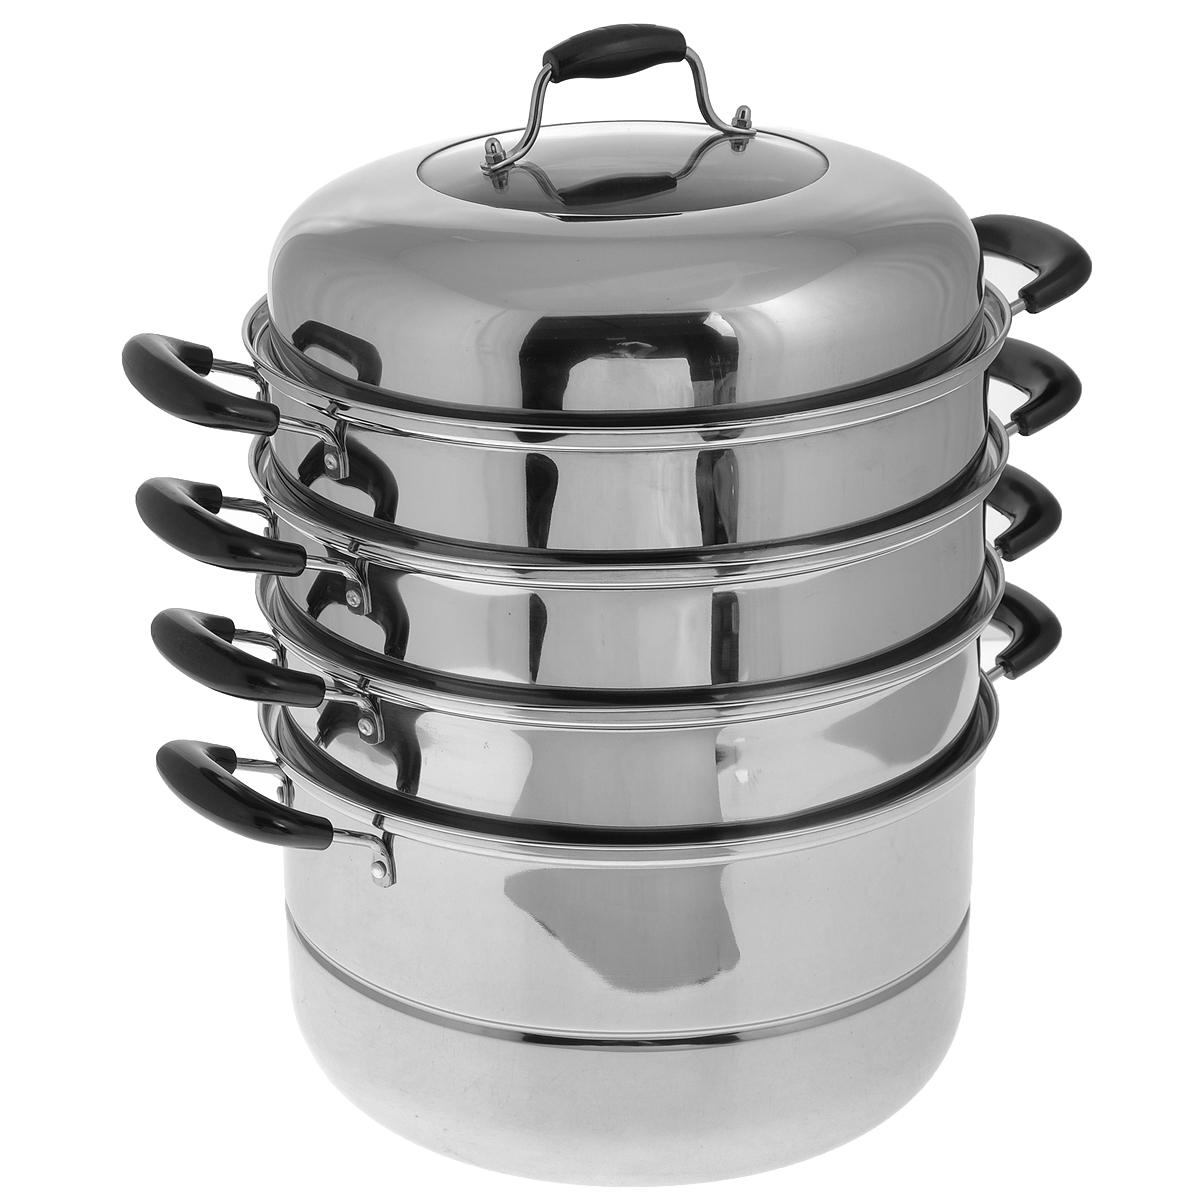 Мантоварка Mayer & Boch, 4-уровневая, 10,4 л. 2146454 009312Четырехъярусная мантоварка Mayer & Boch изготовлена из нержавеющей стали с зеркальной полировкой. Изделие состоит из основной емкости-кастрюли, трех секций с отверстиями, сетки и крышки. Специальный многоуровневый дизайн позволяет готовить до четырех различных блюд одновременно. Идеально подходит для национальных блюд как манты, котлеты, овощи, пельмени на пару и многое другое. Блюда, приготовленные на пару, являются самыми здоровыми и полезными, так как при их приготовлении не используется масло и жир. Они сохраняют все питательные вещества и витамины. Мантоварка оснащена удобными ручками из бакелита черного цвета. Крышка из нержавеющей стали оснащена стеклянным окошком и бакелитовой ручкой. Подходит для газовых, электрических, стеклокерамических плит. Можно мыть в посудомоечной машине.Объем кастрюли: 10,4 л.Диаметр: 30 см.Общая высота (в собранном виде, без учета крышки): 34 см.Диаметр основания: 26,5 см.